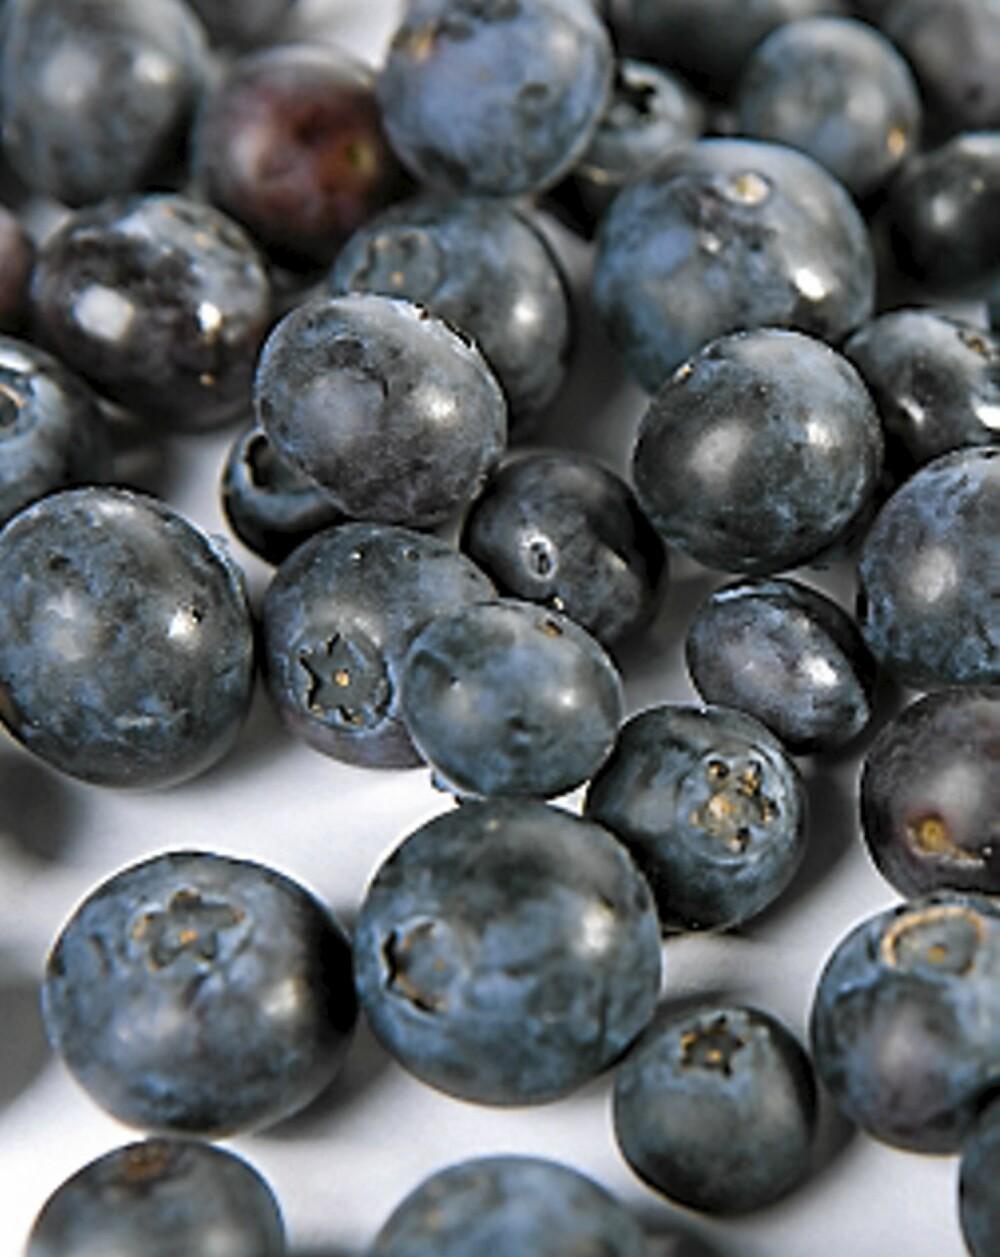 Frukt og bær inngår i flere av måltidene i Isodietten.